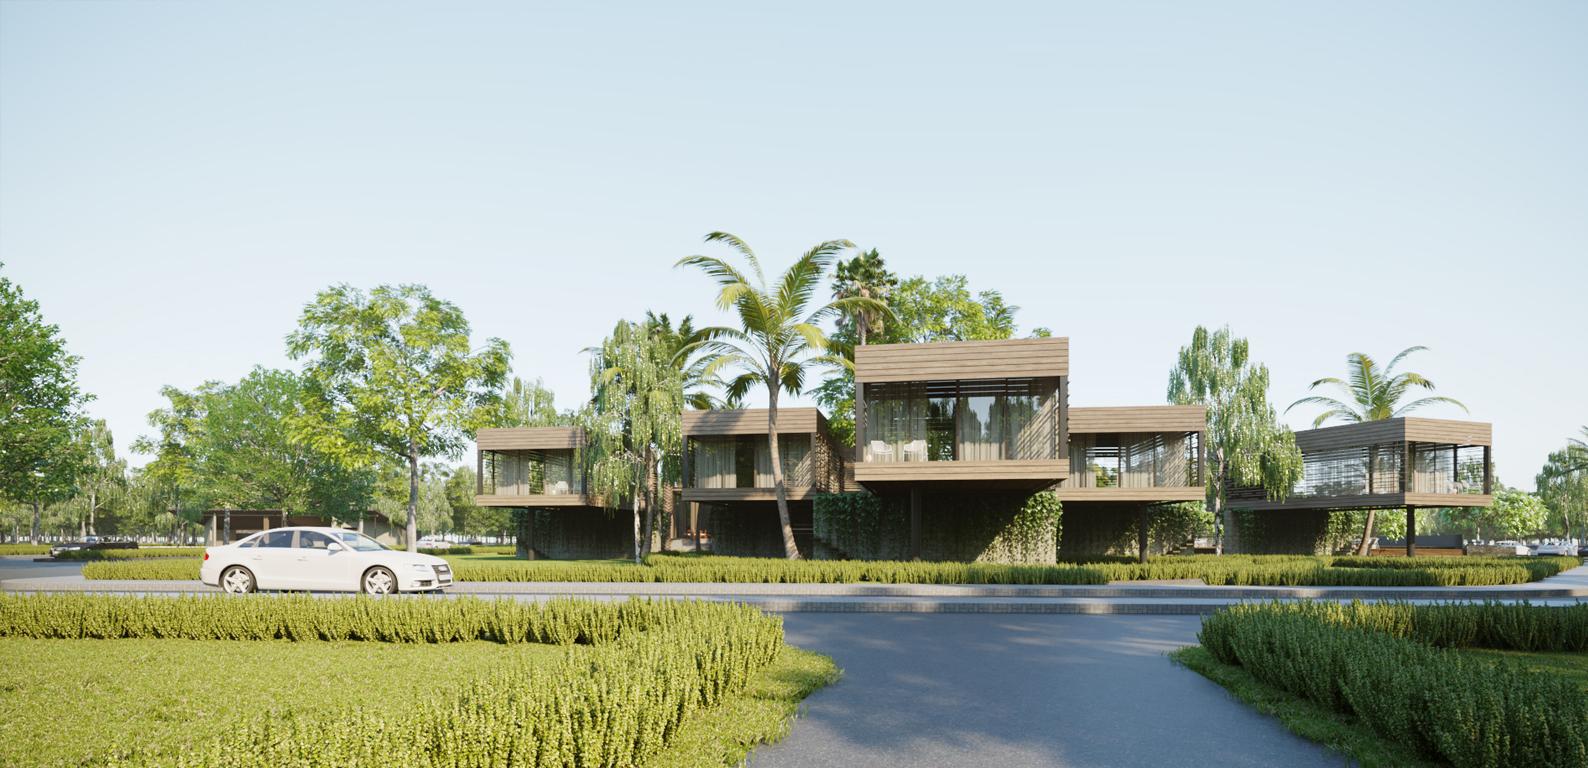 thiết kế Resort tại Khánh Hòa Resort Quốc Bảo 3 1531359426